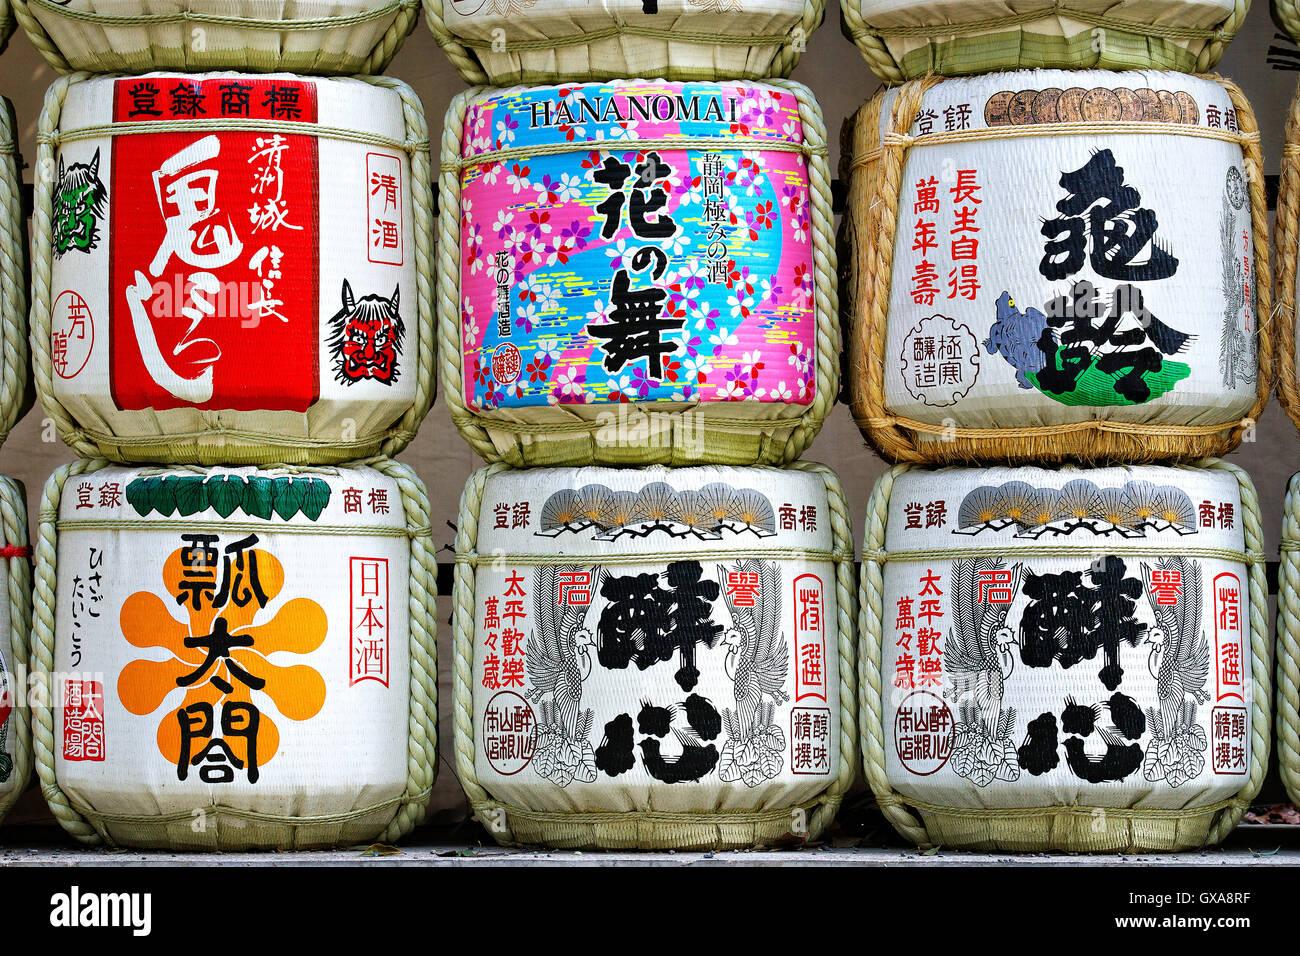 Japan, Honshu island, Kanto, Tokyo, sake barrels. - Stock Image